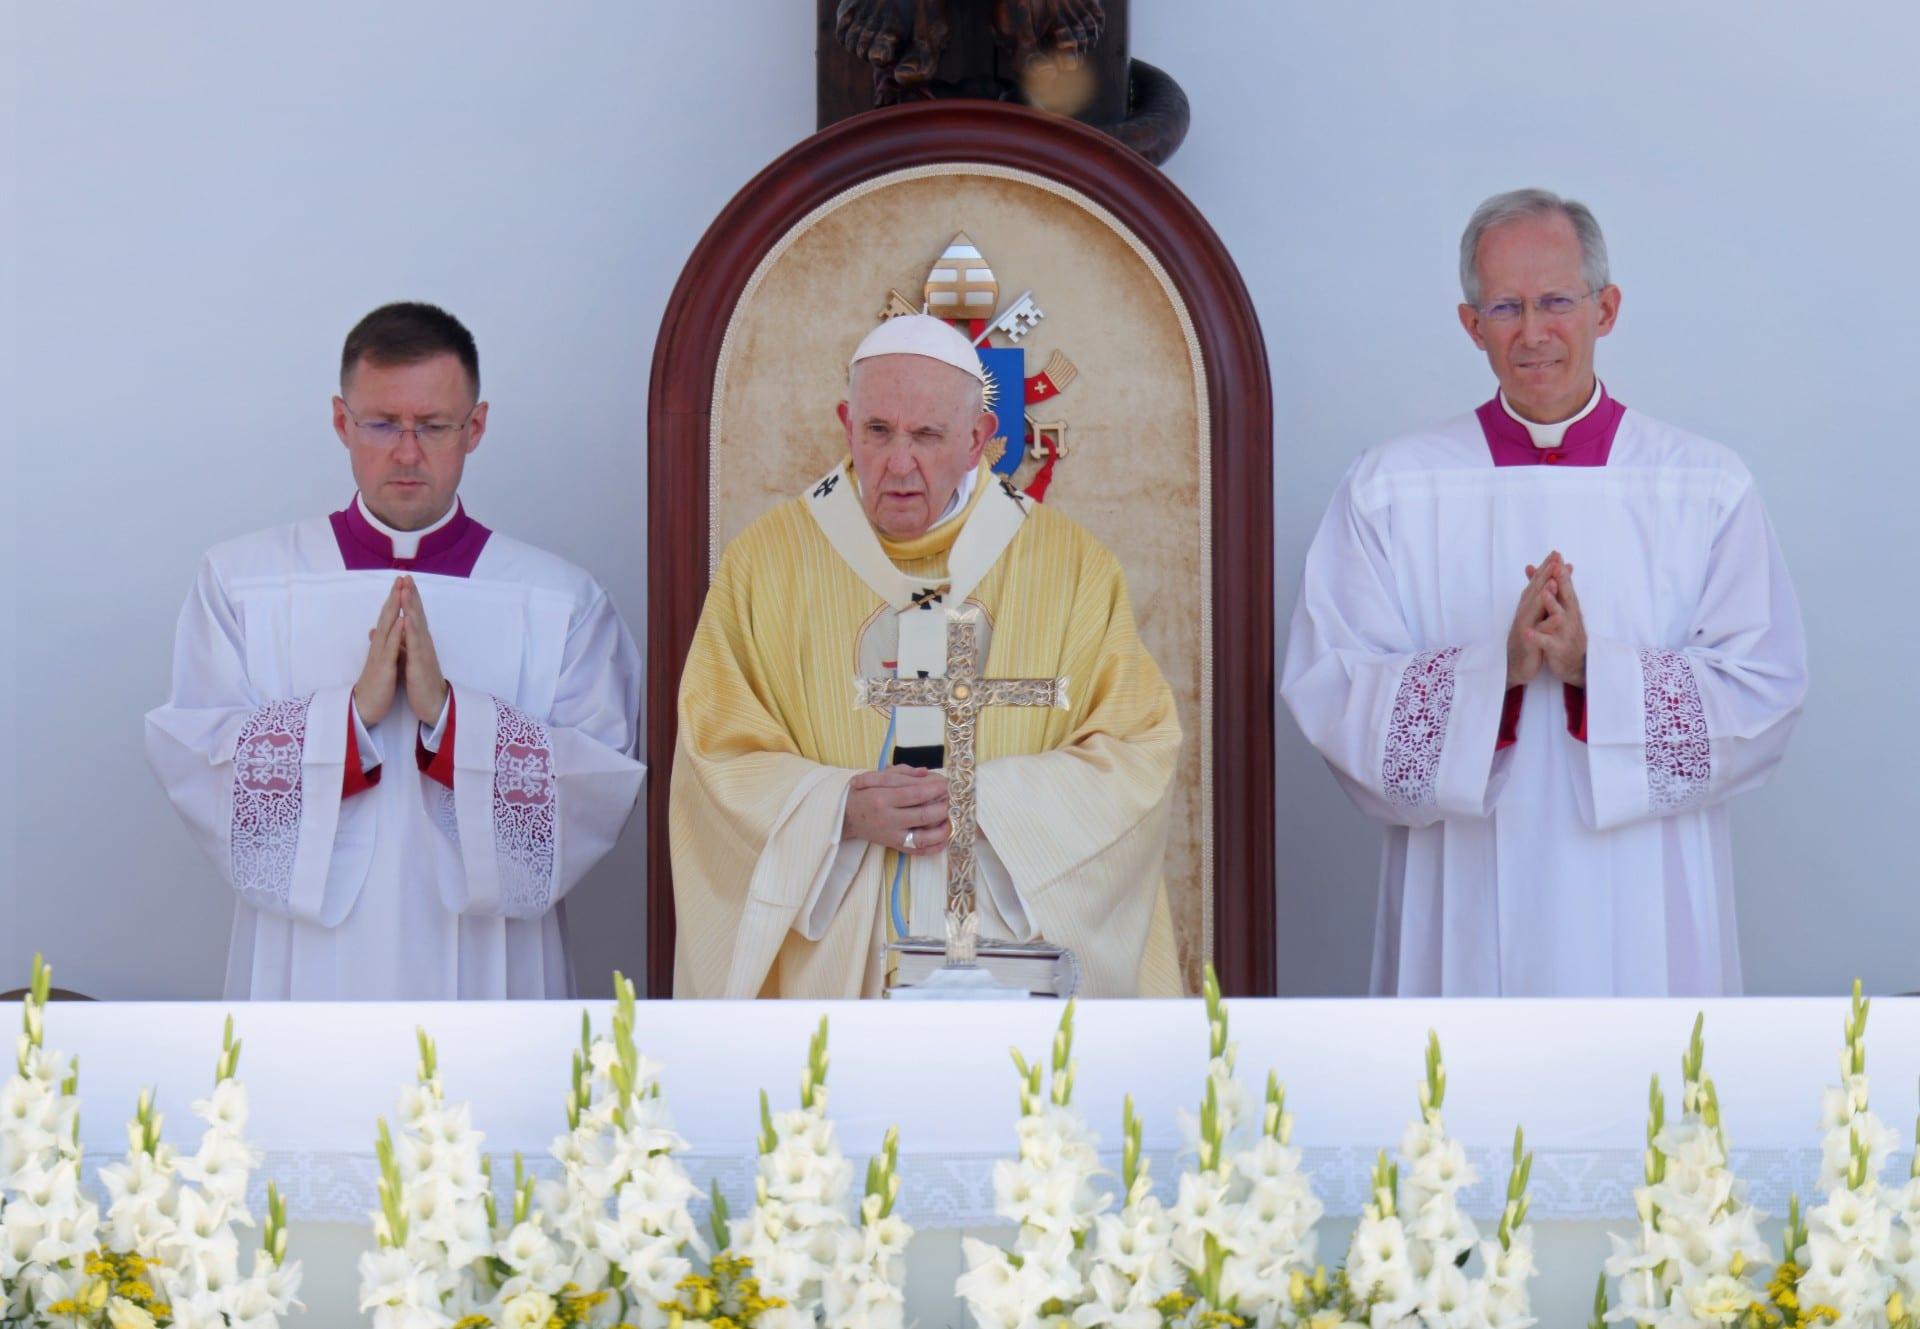 El papa Francisco pide a los húngaros que sean 'abiertos' a los demás